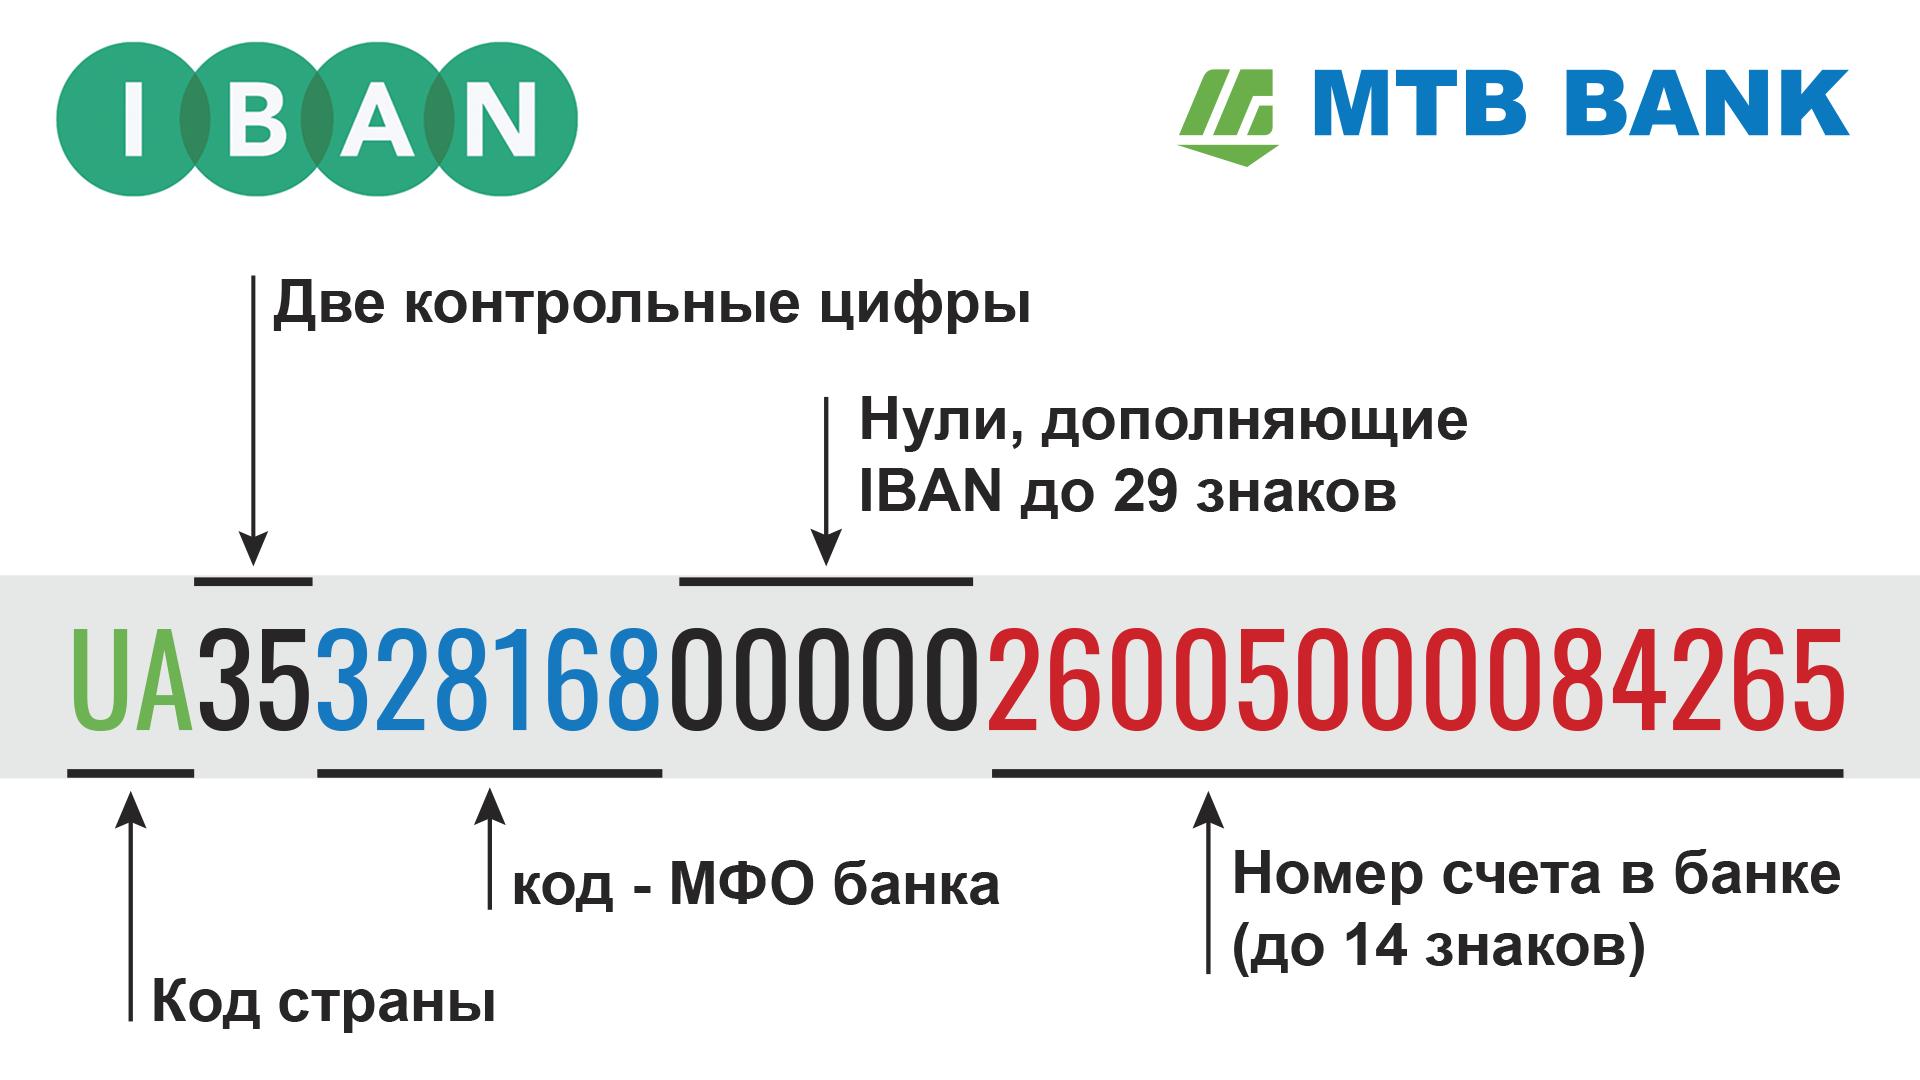 Пам'ятка для клієнтів банків - фото - mtb.ua